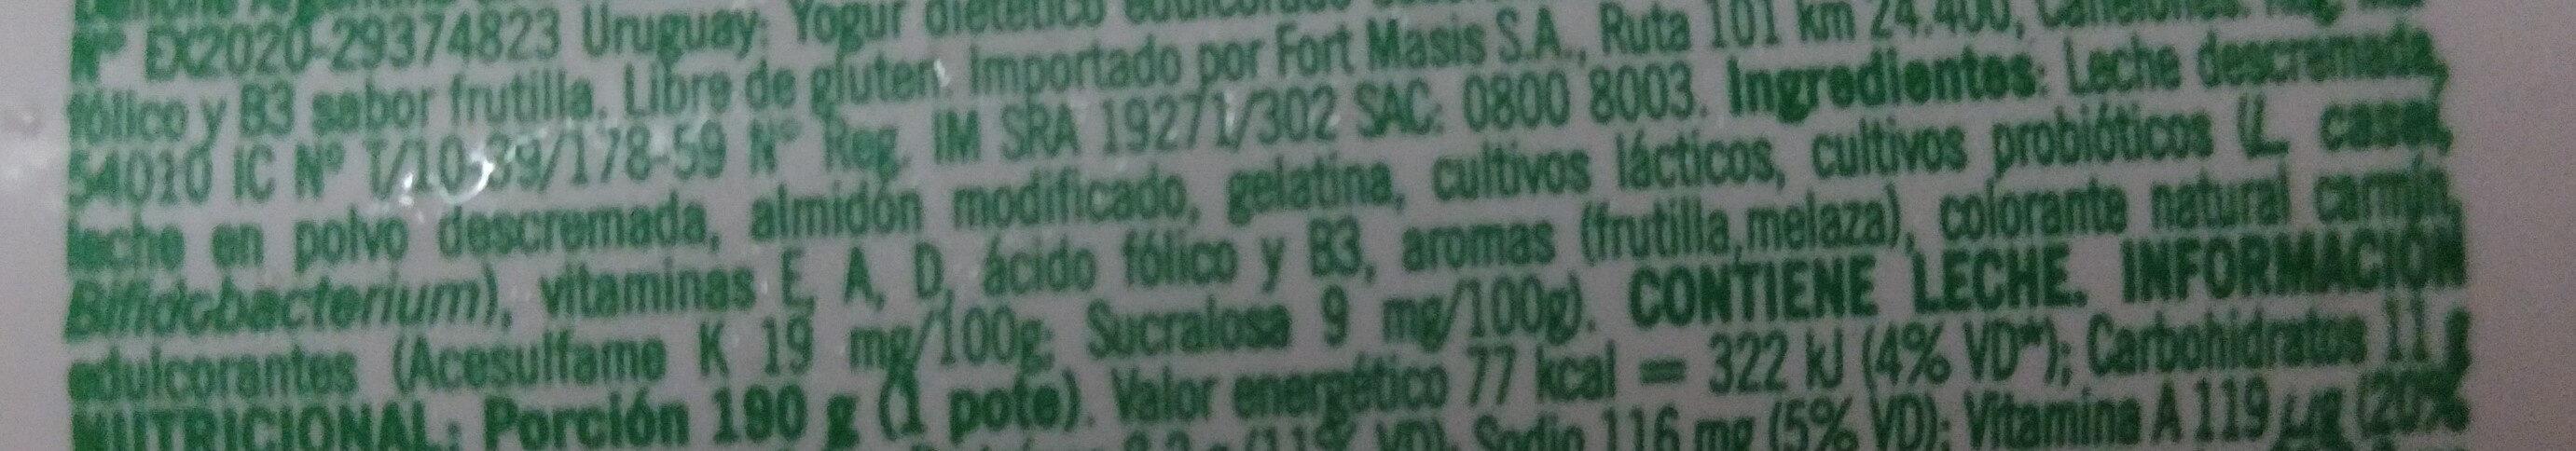 Ser Firme sabor frutilla - Ingrédients - es